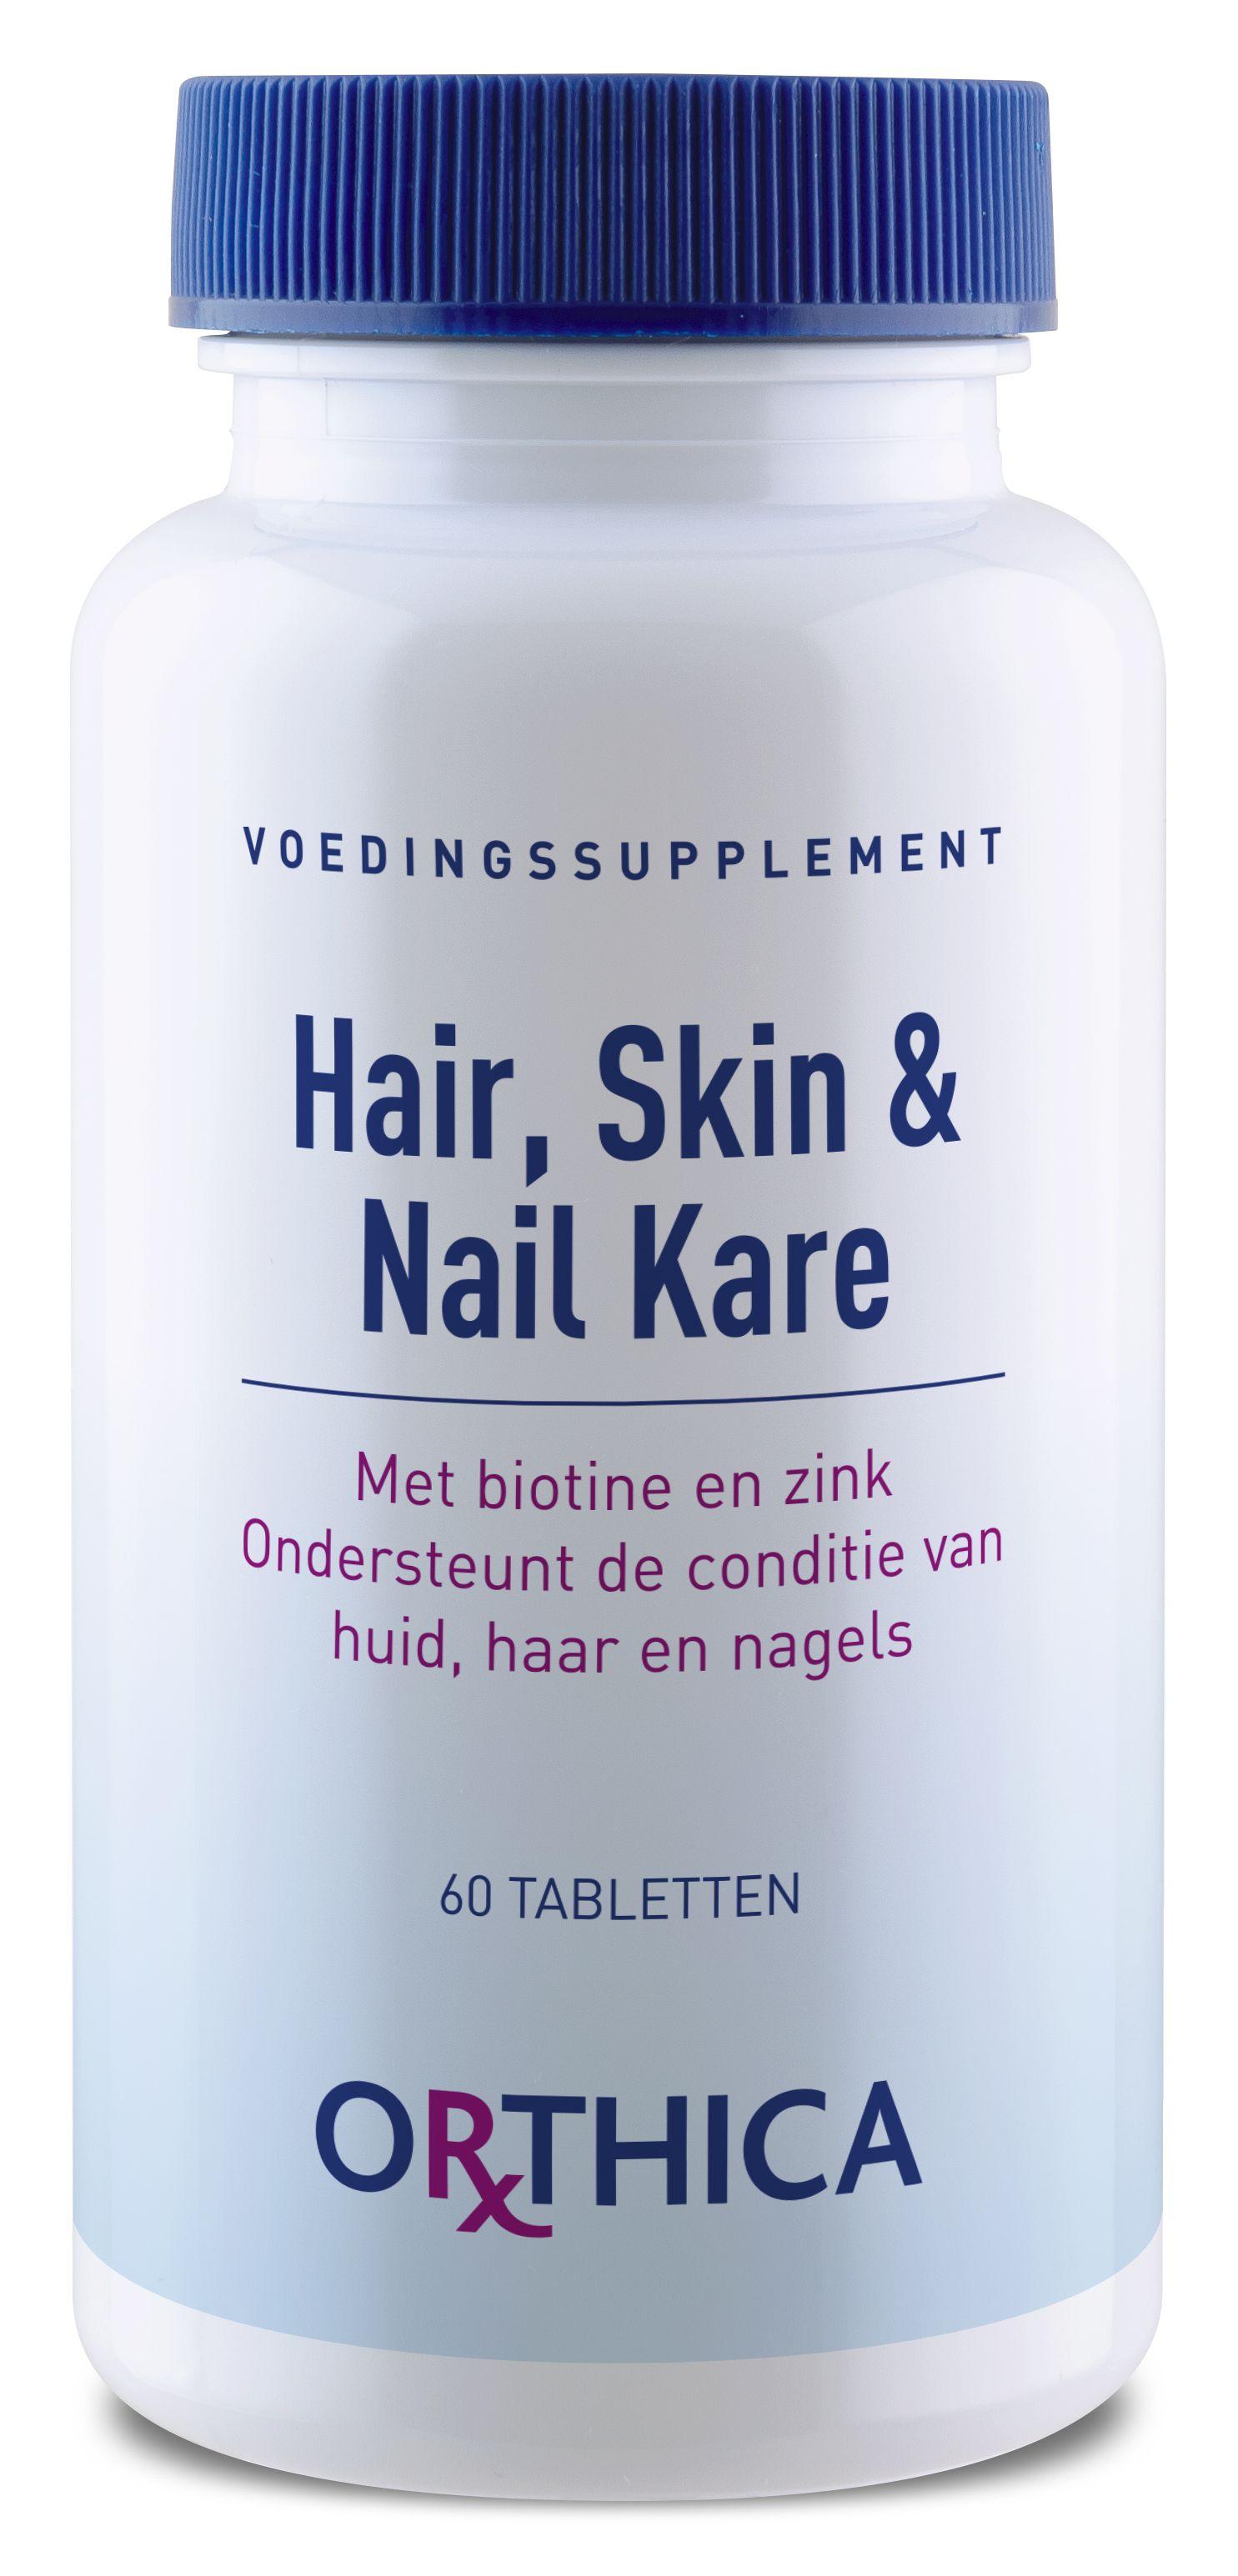 Orthica Hair, Skin & Nail Kare 60 Tabletten